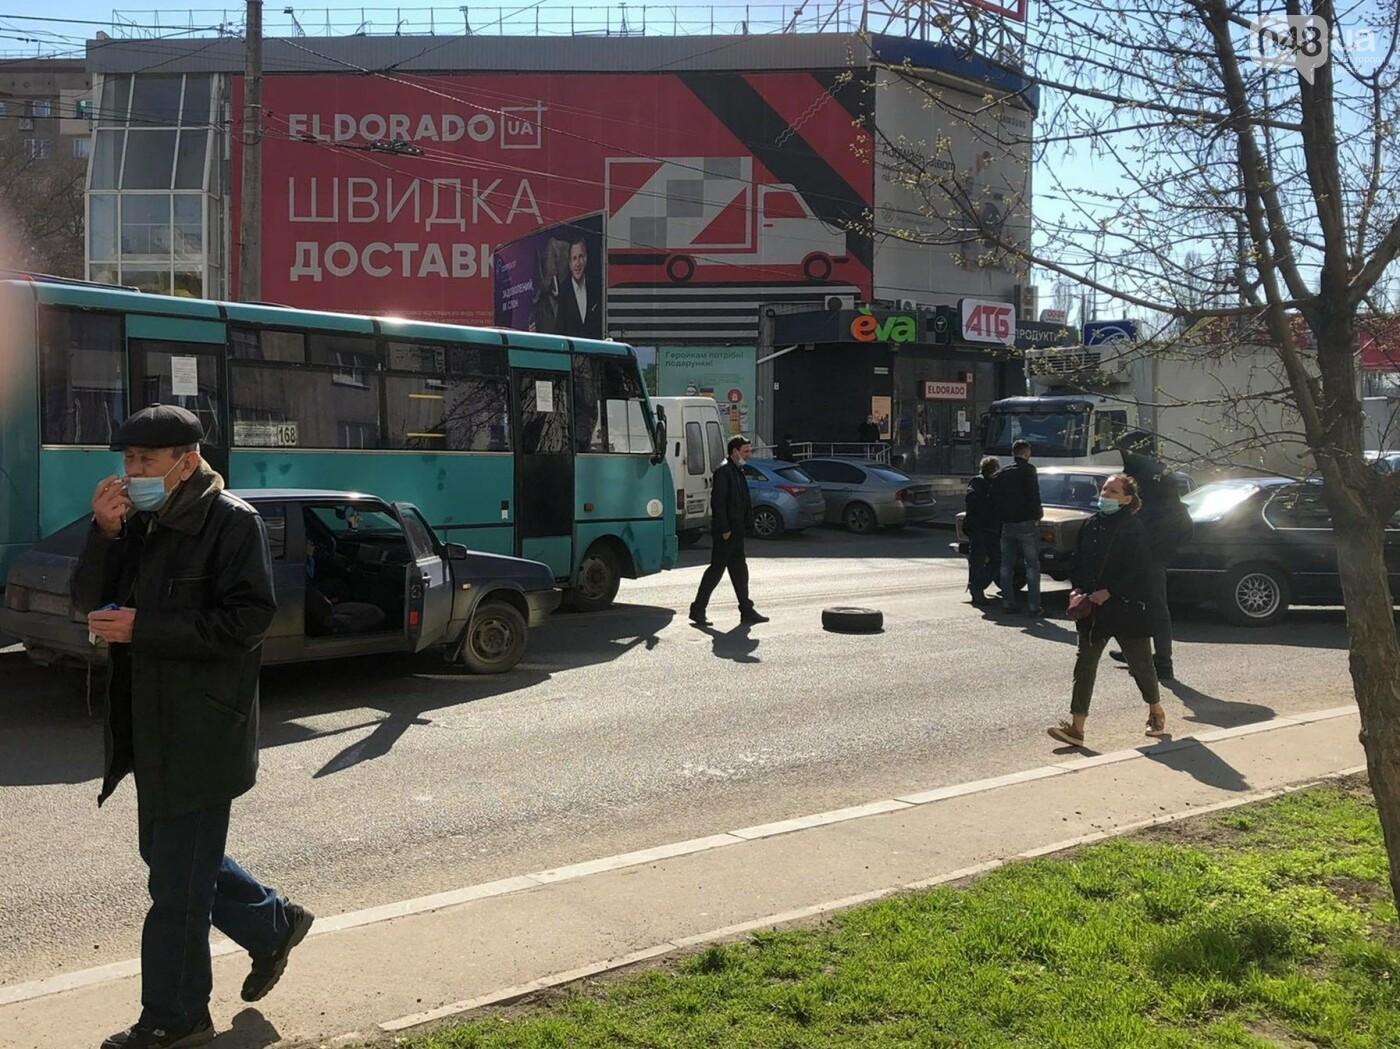 В Одессе маршрутка попала в ДТП, когда объезжала другую аварию, - ФОТО  , фото-1